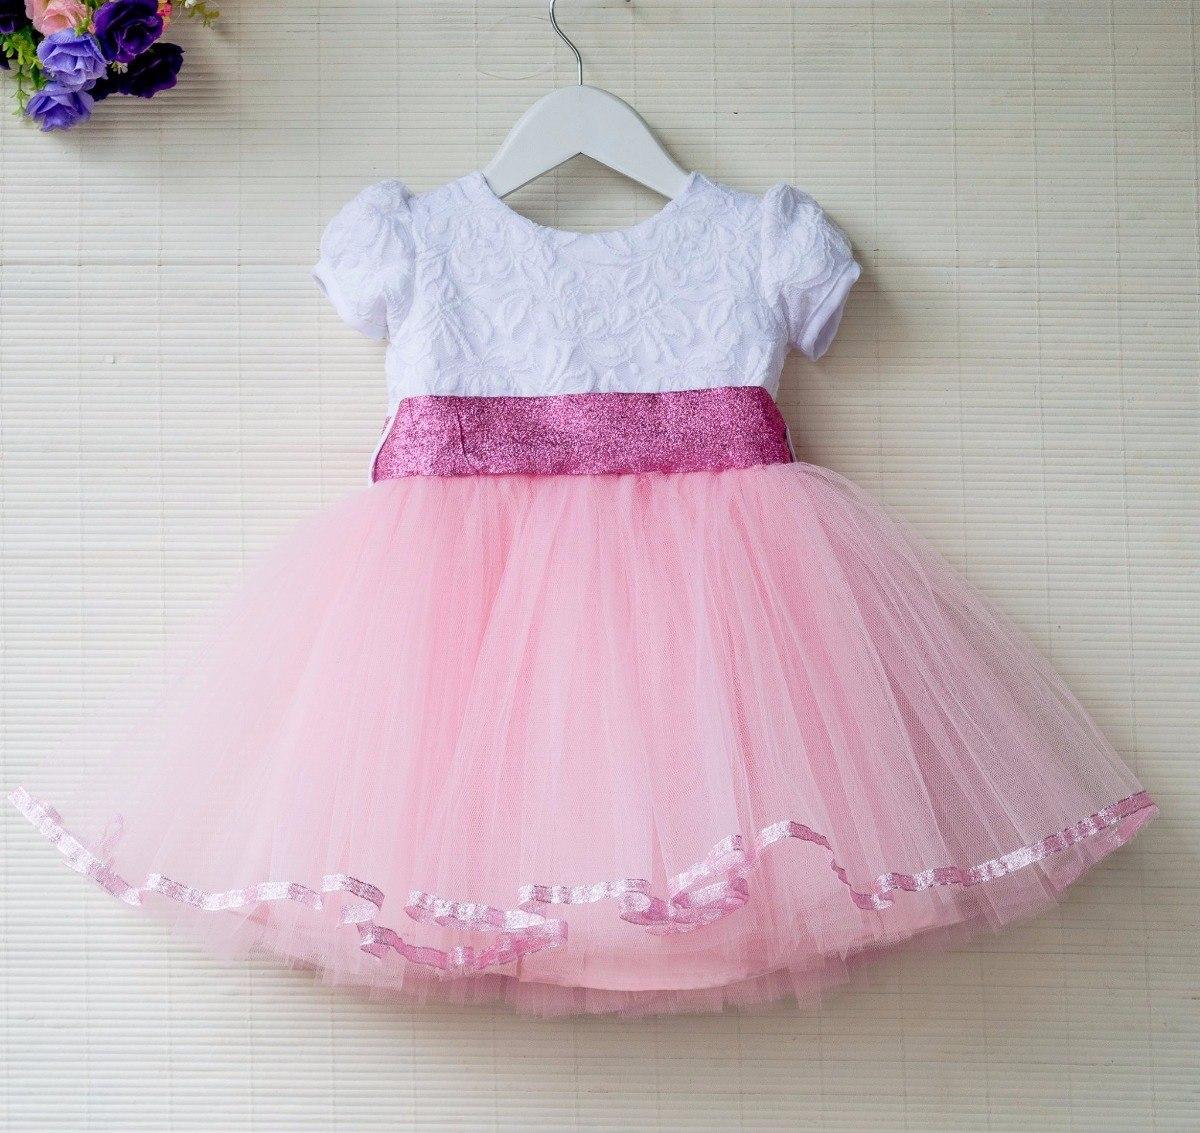 Excepcional Bebé Vestido De Boda Patrón - Colección de Vestidos de ...